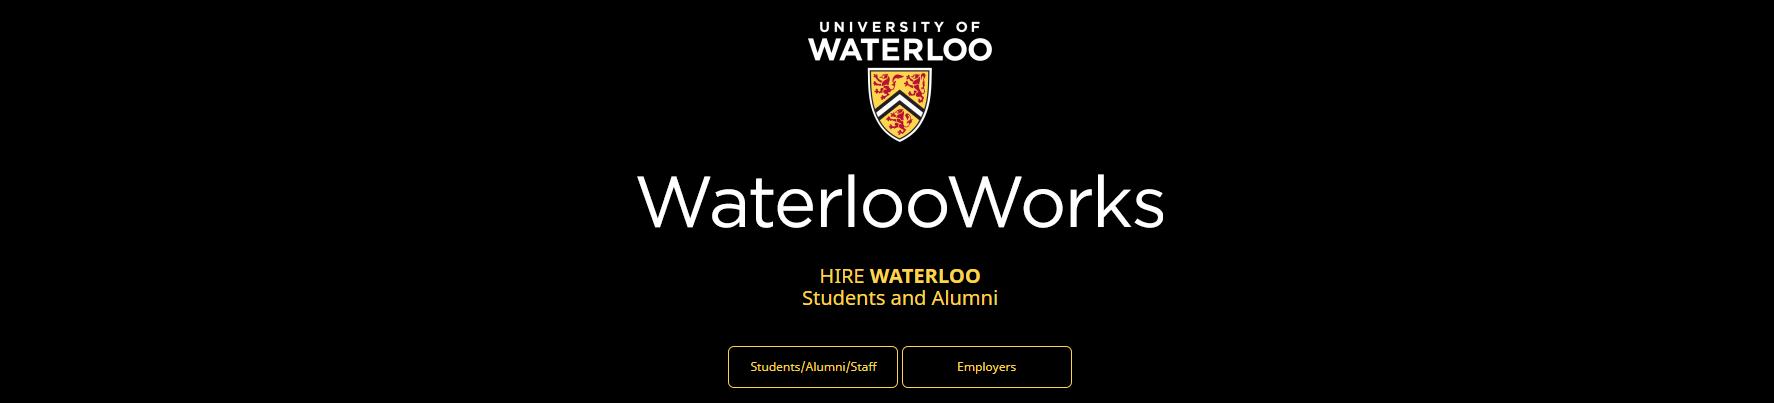 Waterloo Works Homepage image